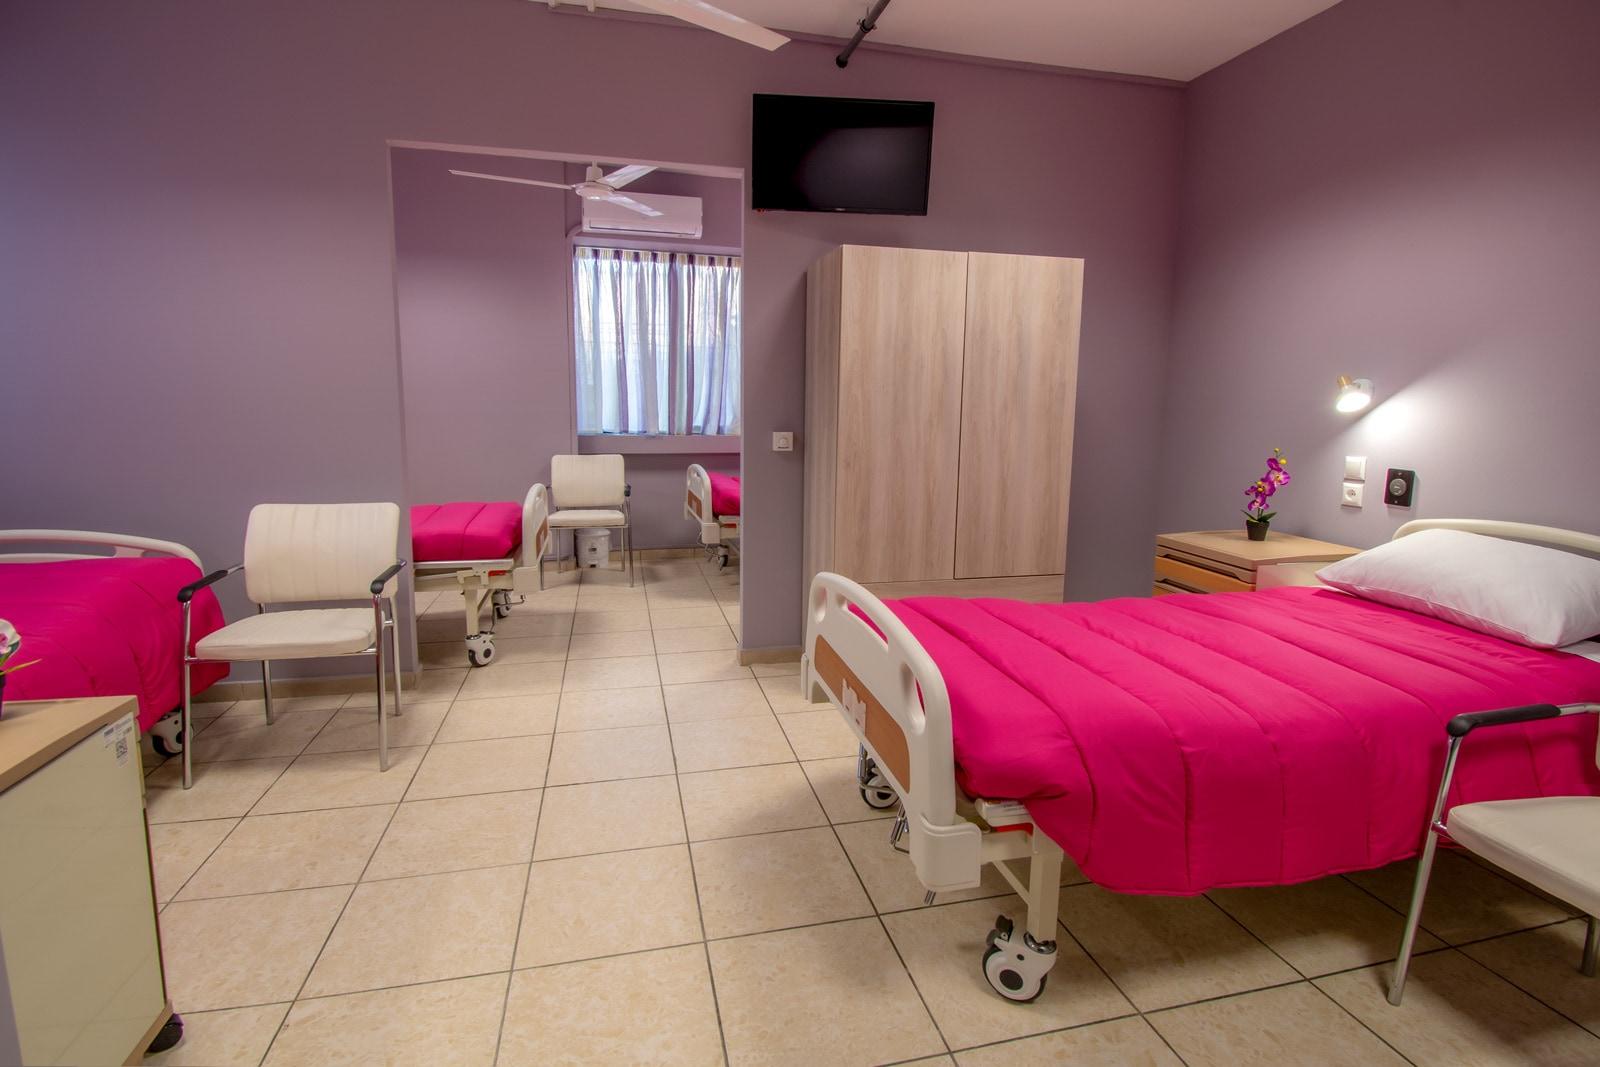 Μονάδα Φροντίδας Ηλικιωμένων Ίριδα Παγκράτι δωμάτια